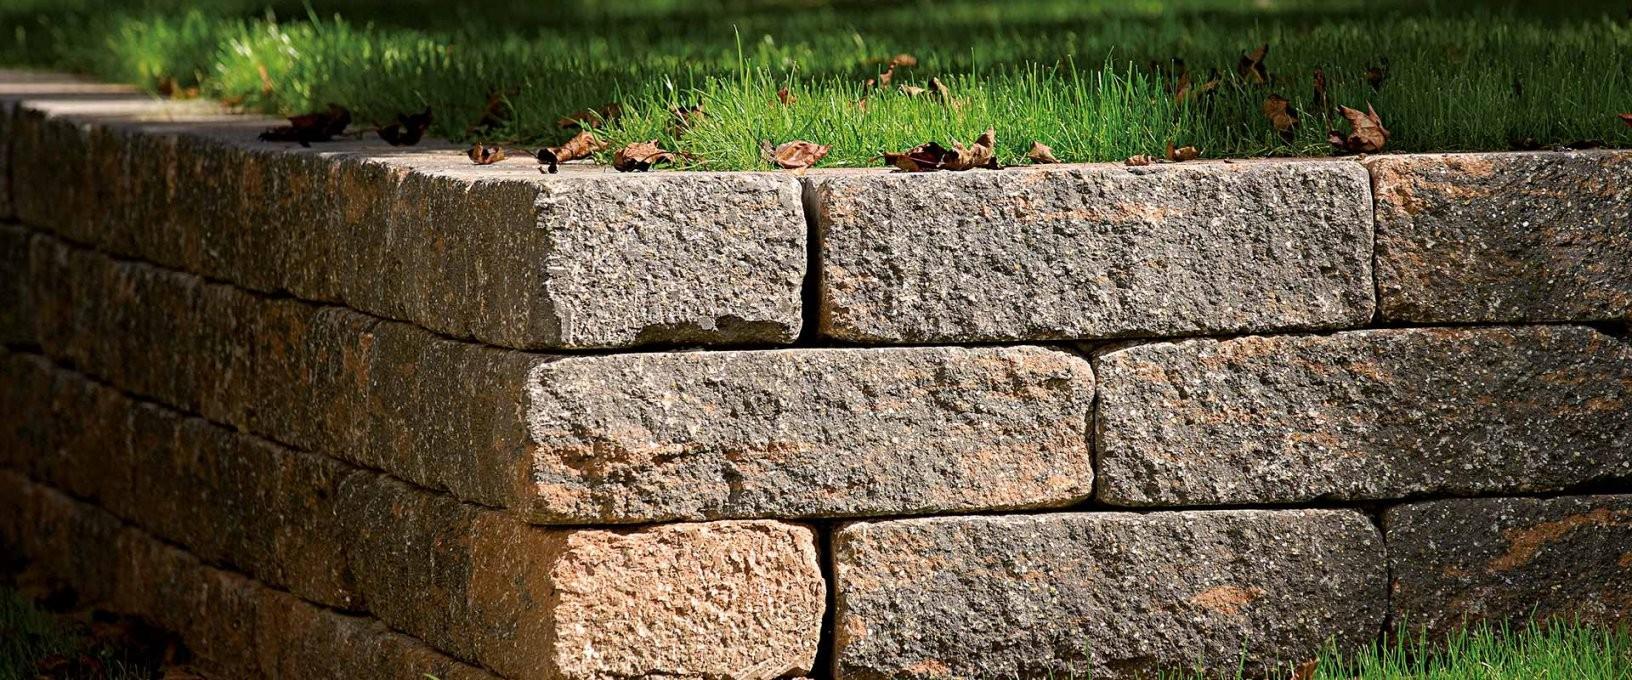 Gerwing  Pflastersteine Terrassenplatten Mauersteine Für Ihren Garten von Steine Für Garten Günstig Photo